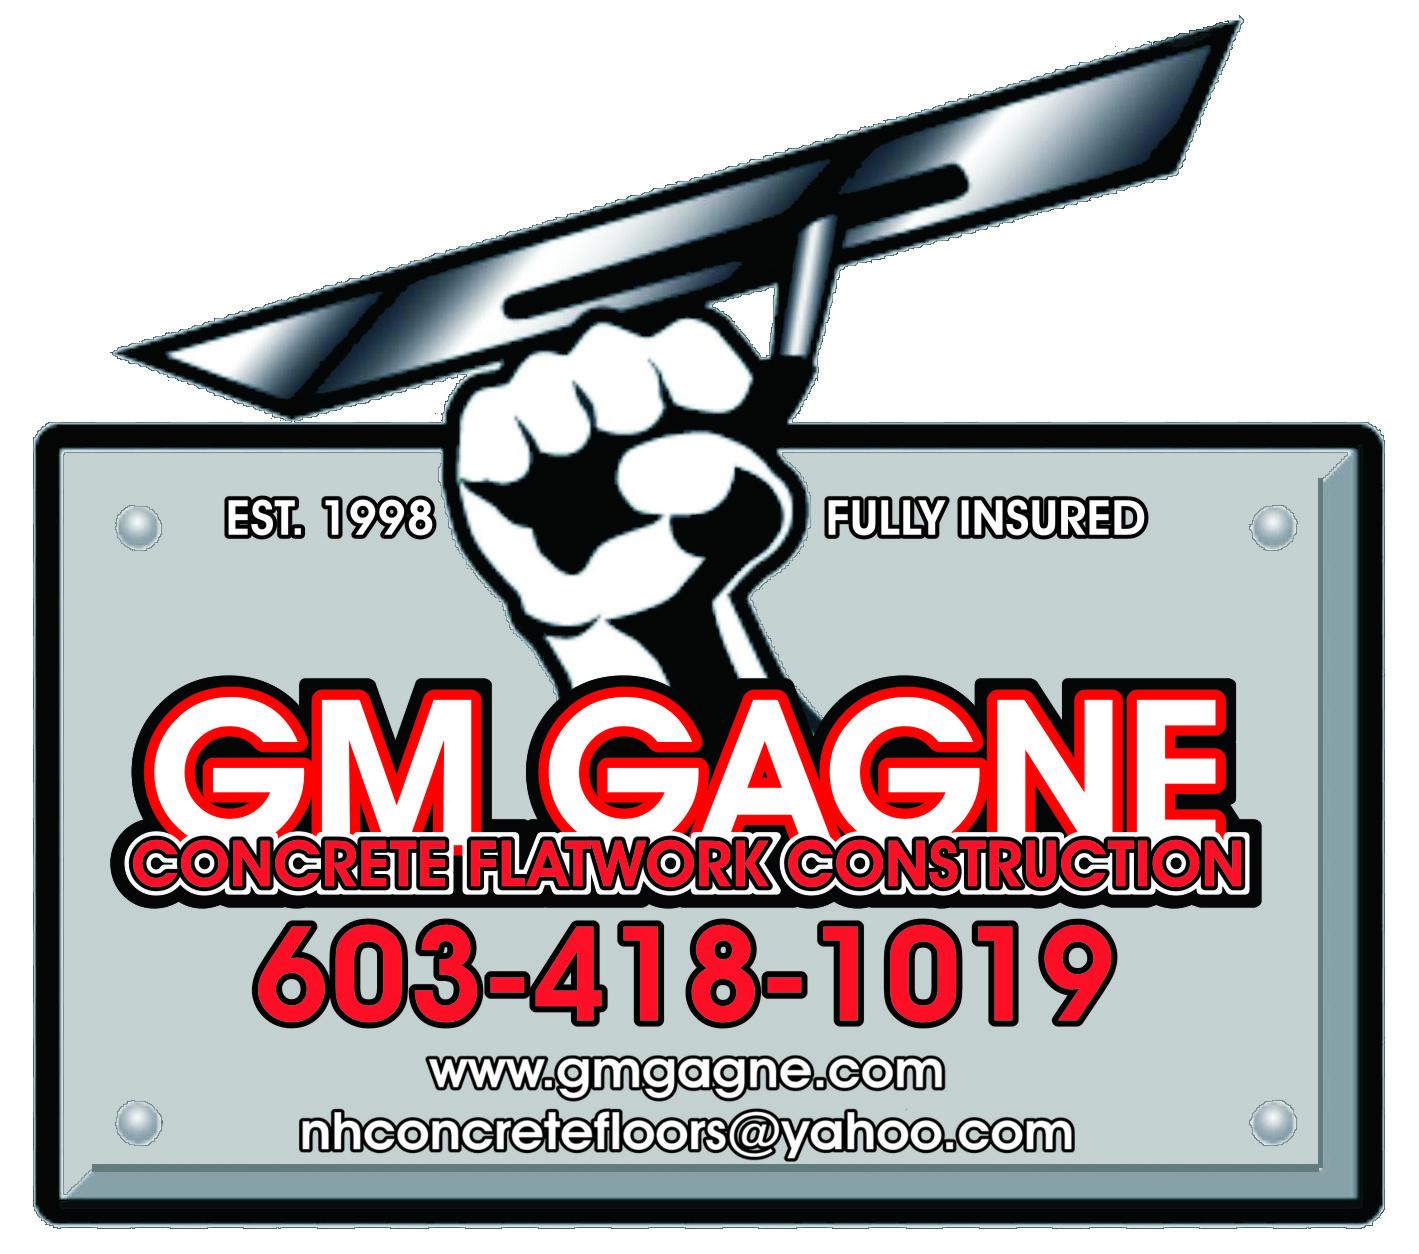 GM Gagne